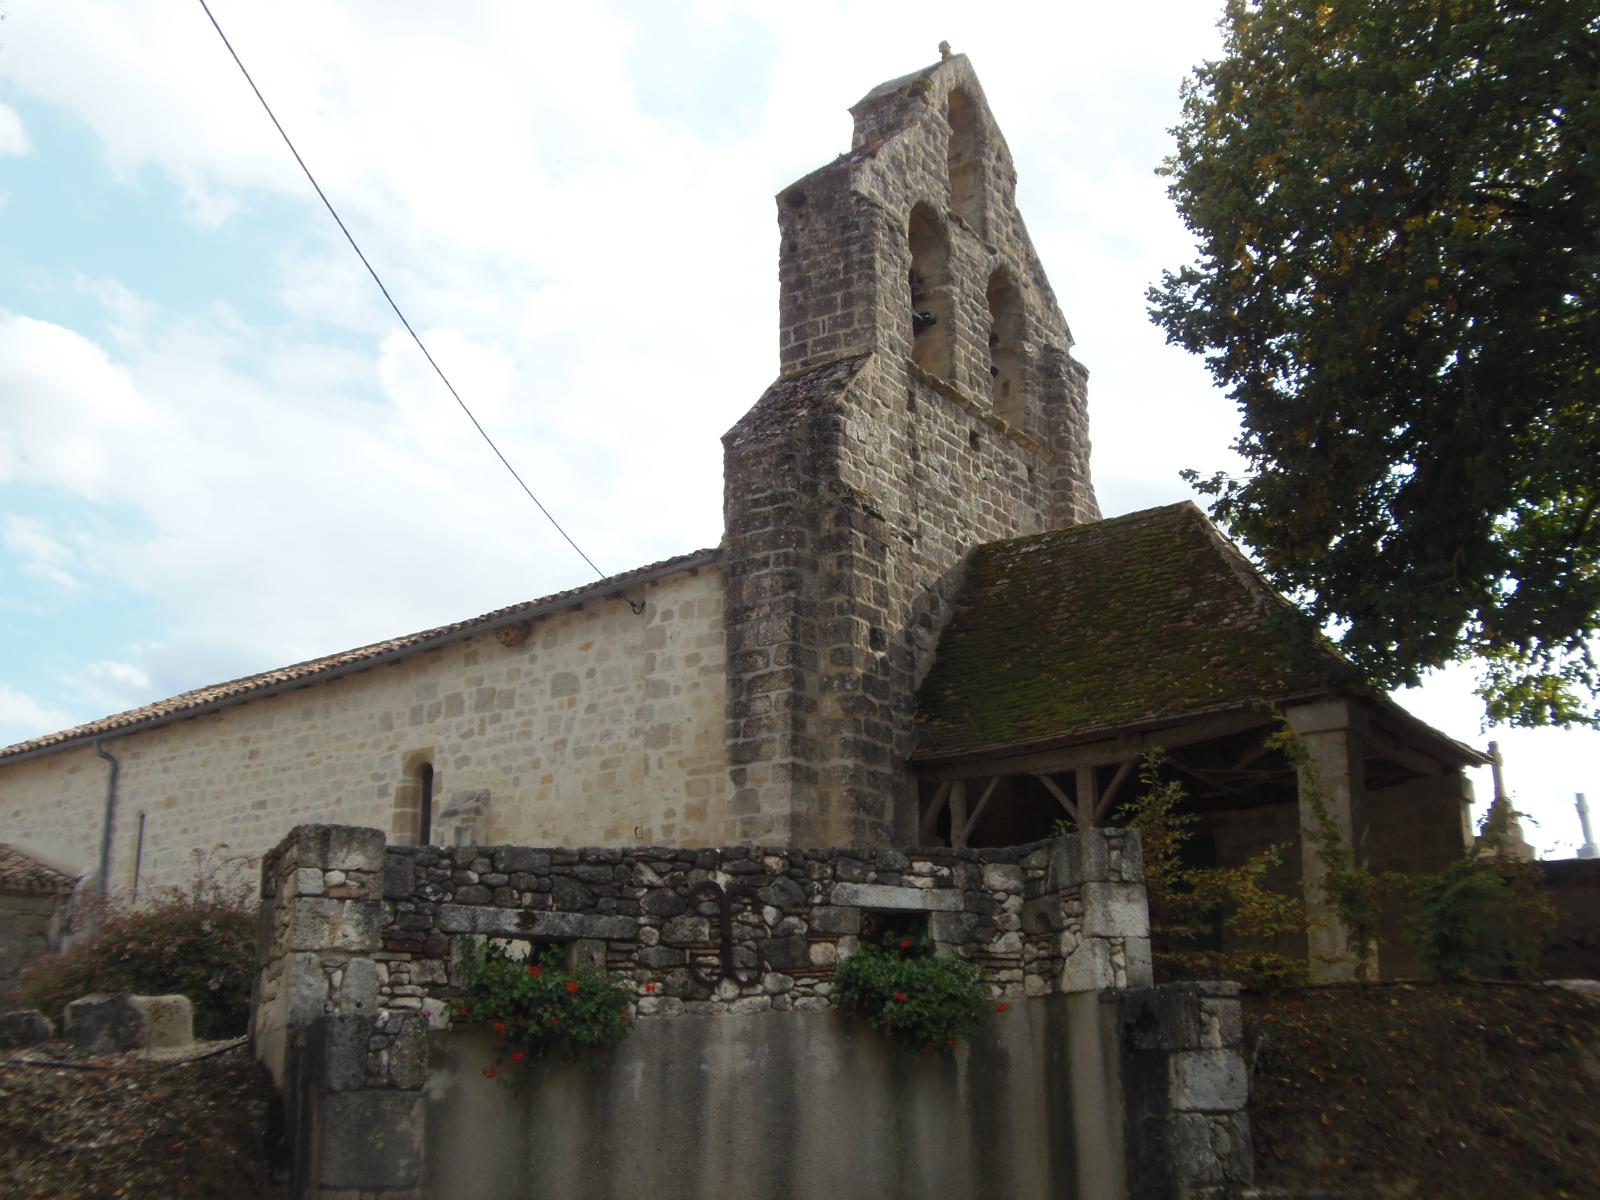 Eglise Saint-Eutrope Saint-Colomb-de-Lauzun